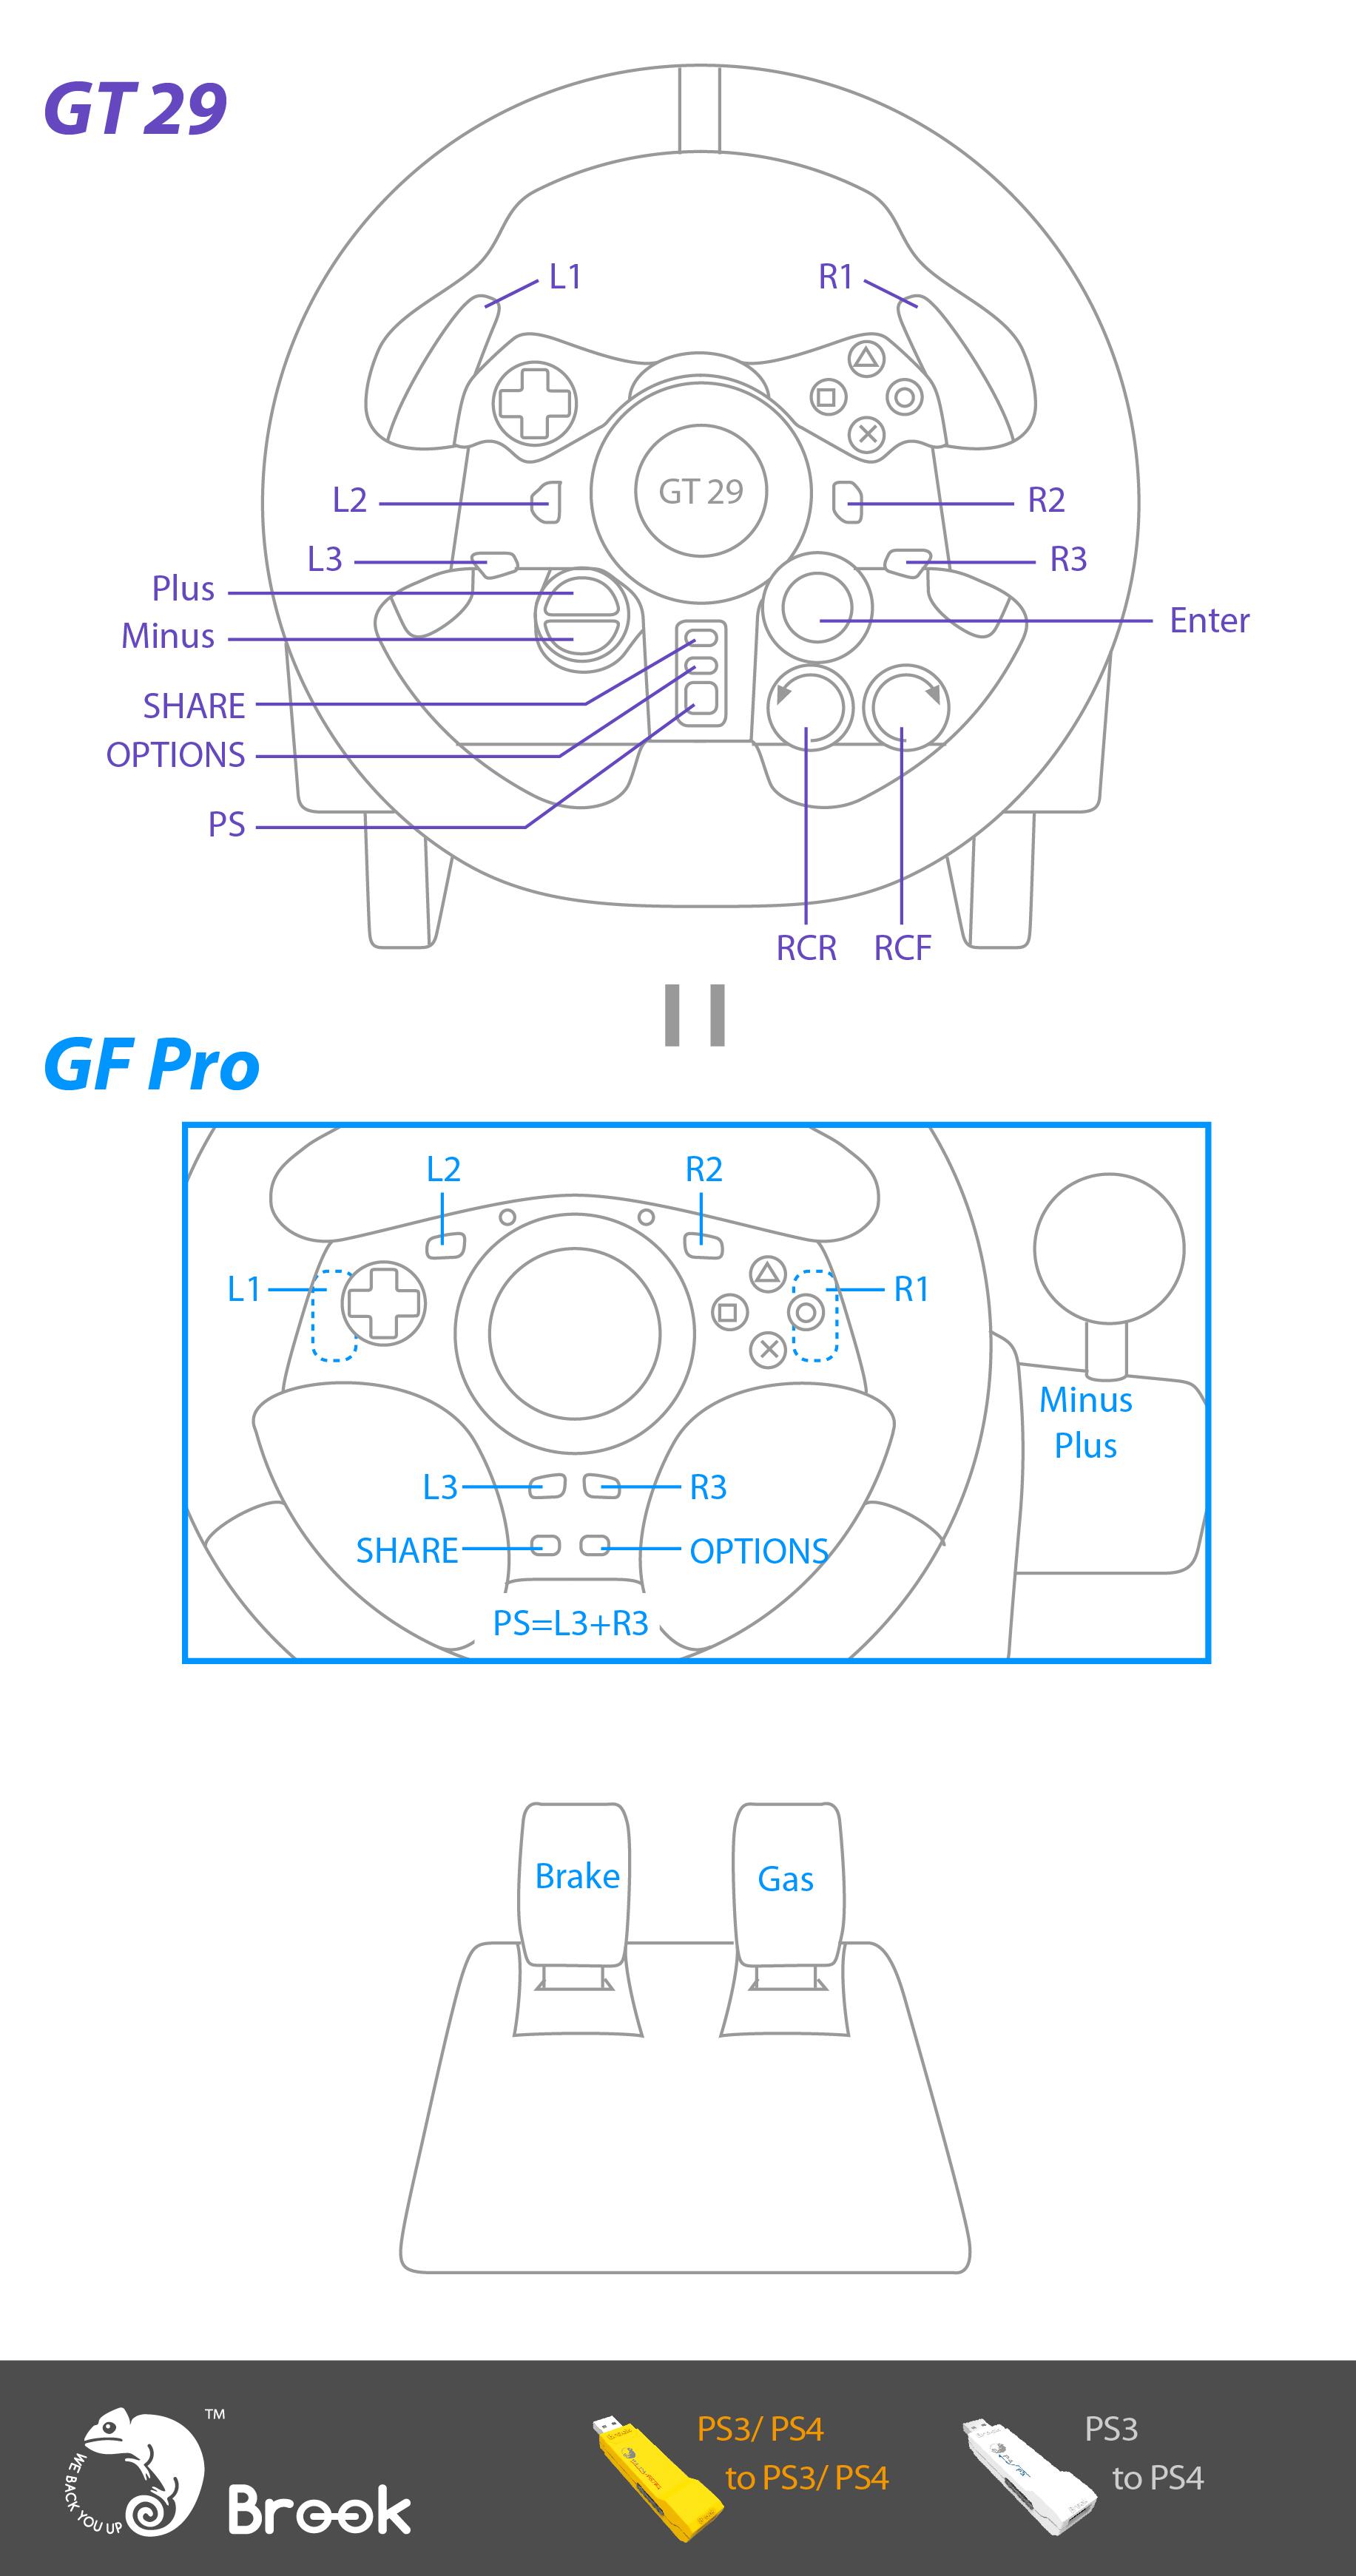 gt29-gf-pro.jpg